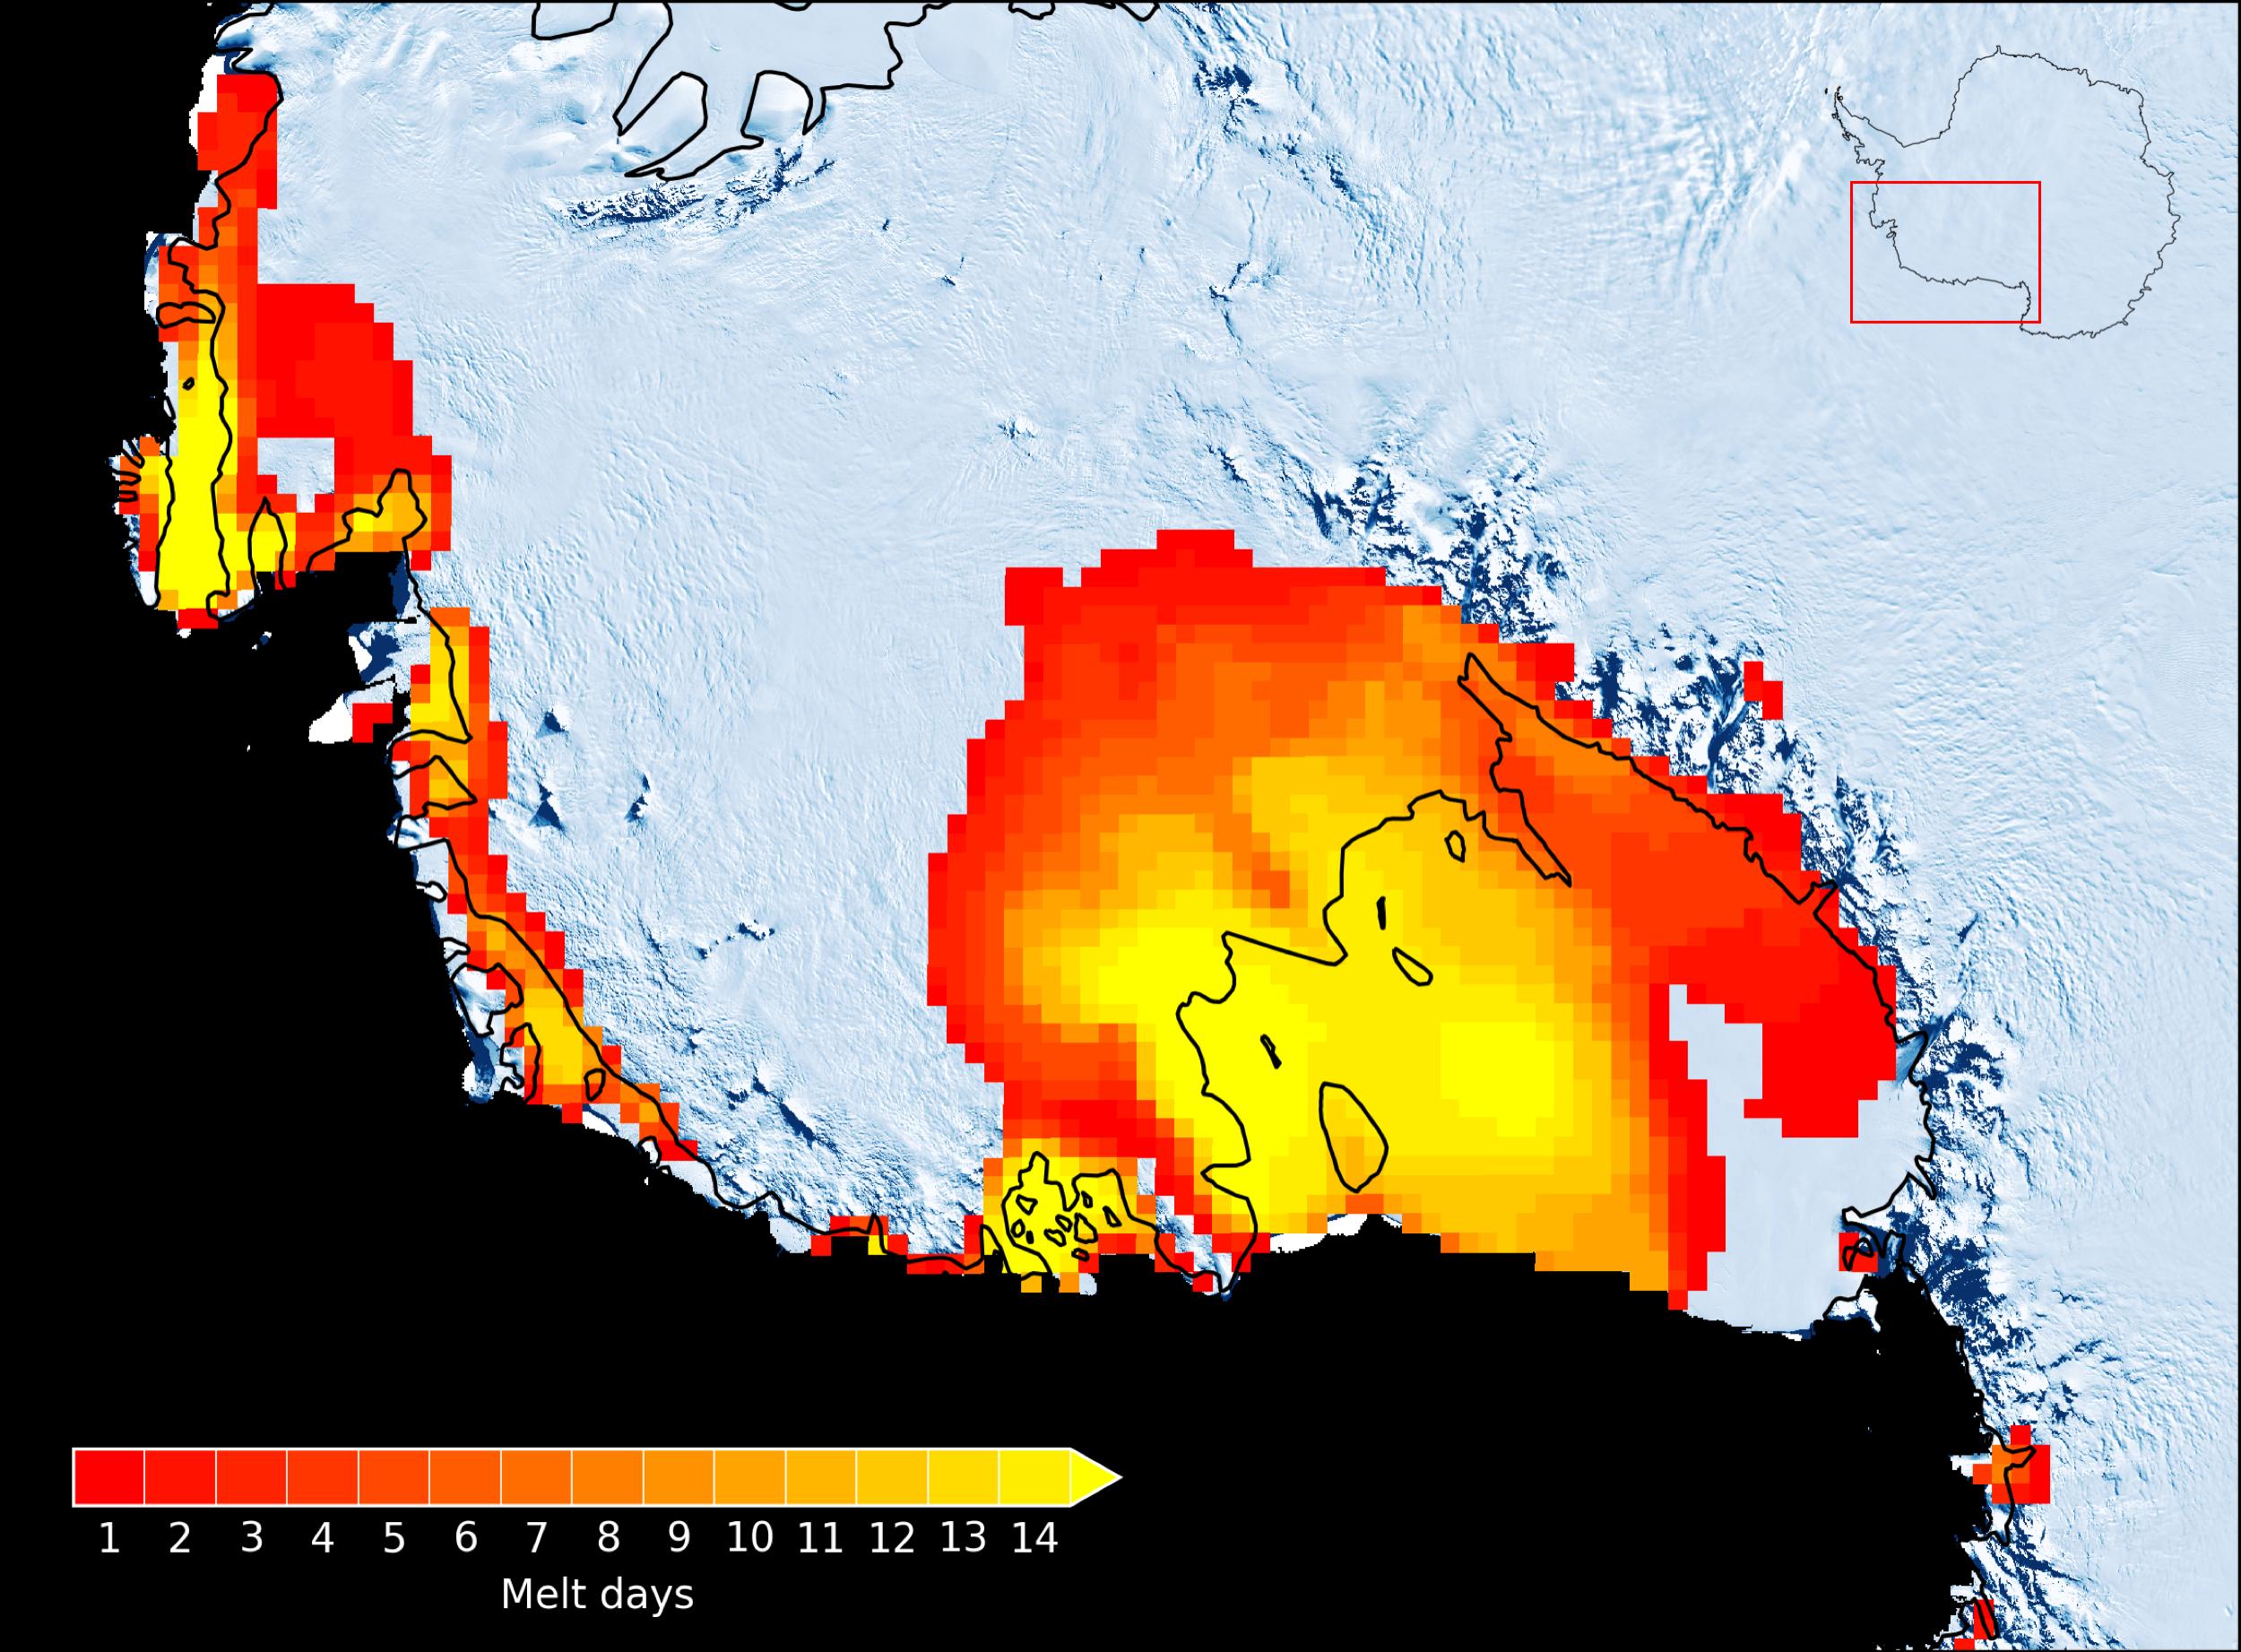 Les glaciers de l'Antarctique fondent de toute part